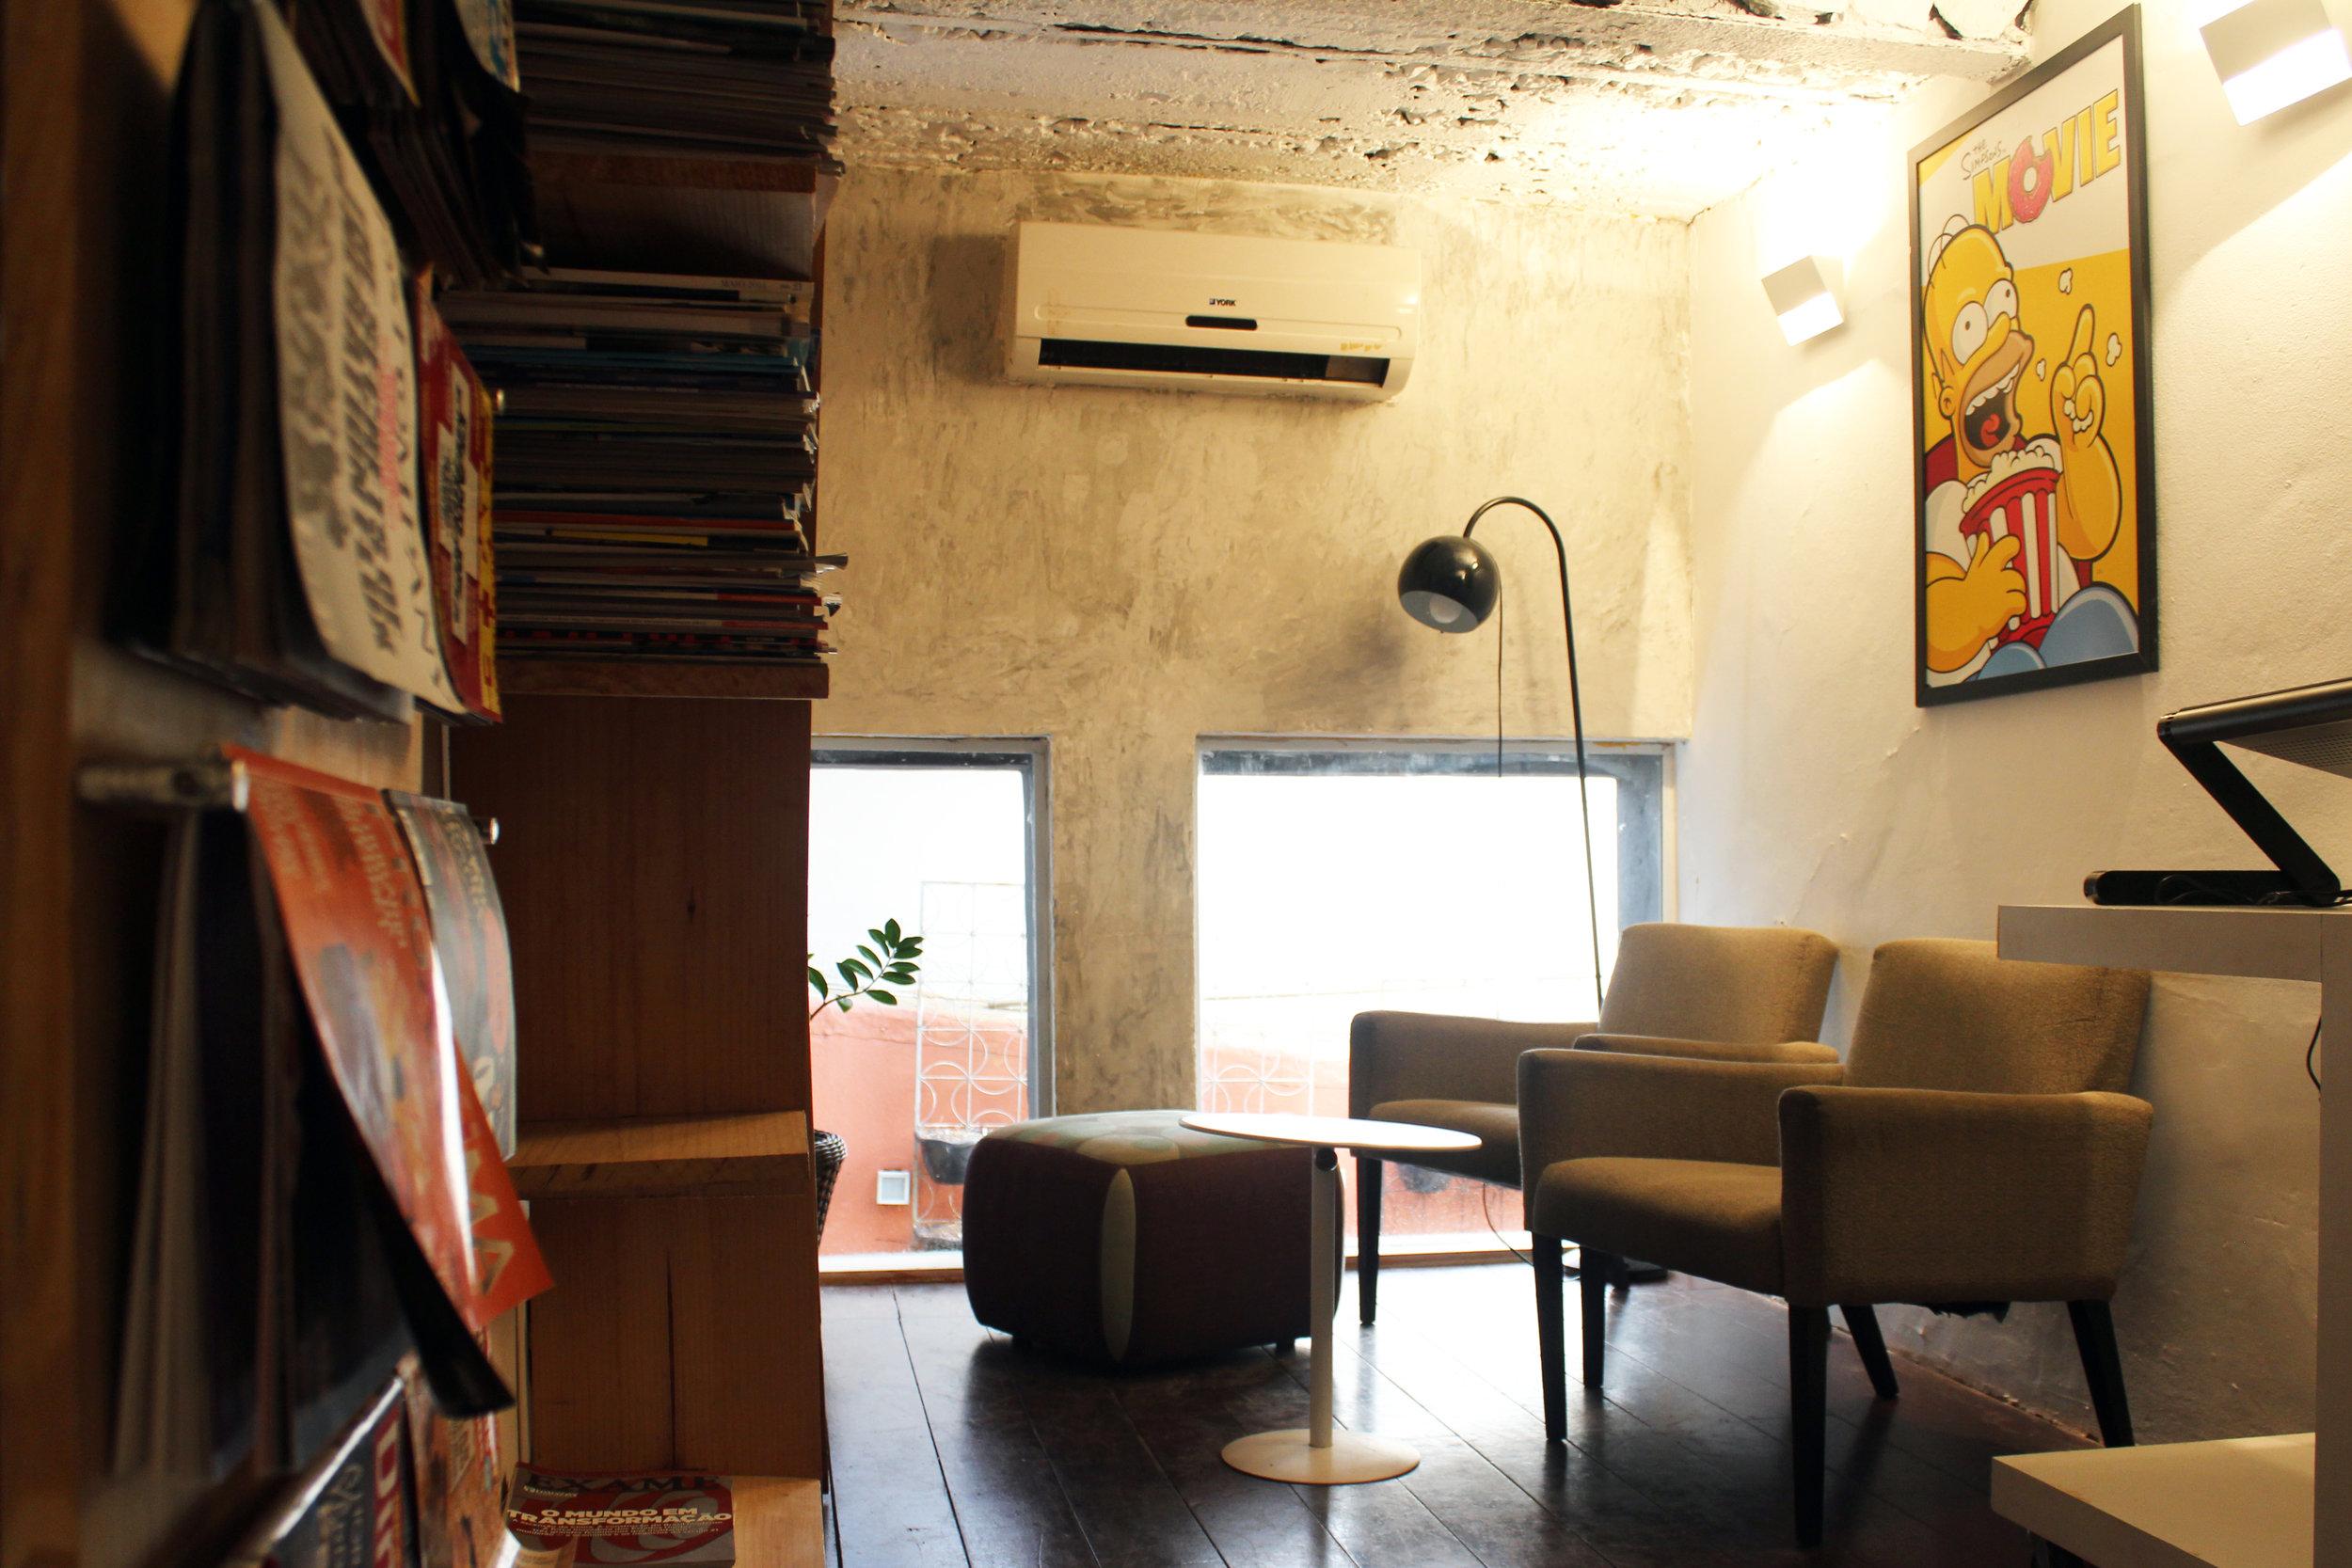 Biblioteca - Perfeito para descansar, ler um livro, ou até mesmo atender um cliente. Espaço equipado com puffs, poltronas, mesa de suporte e stand up desk.